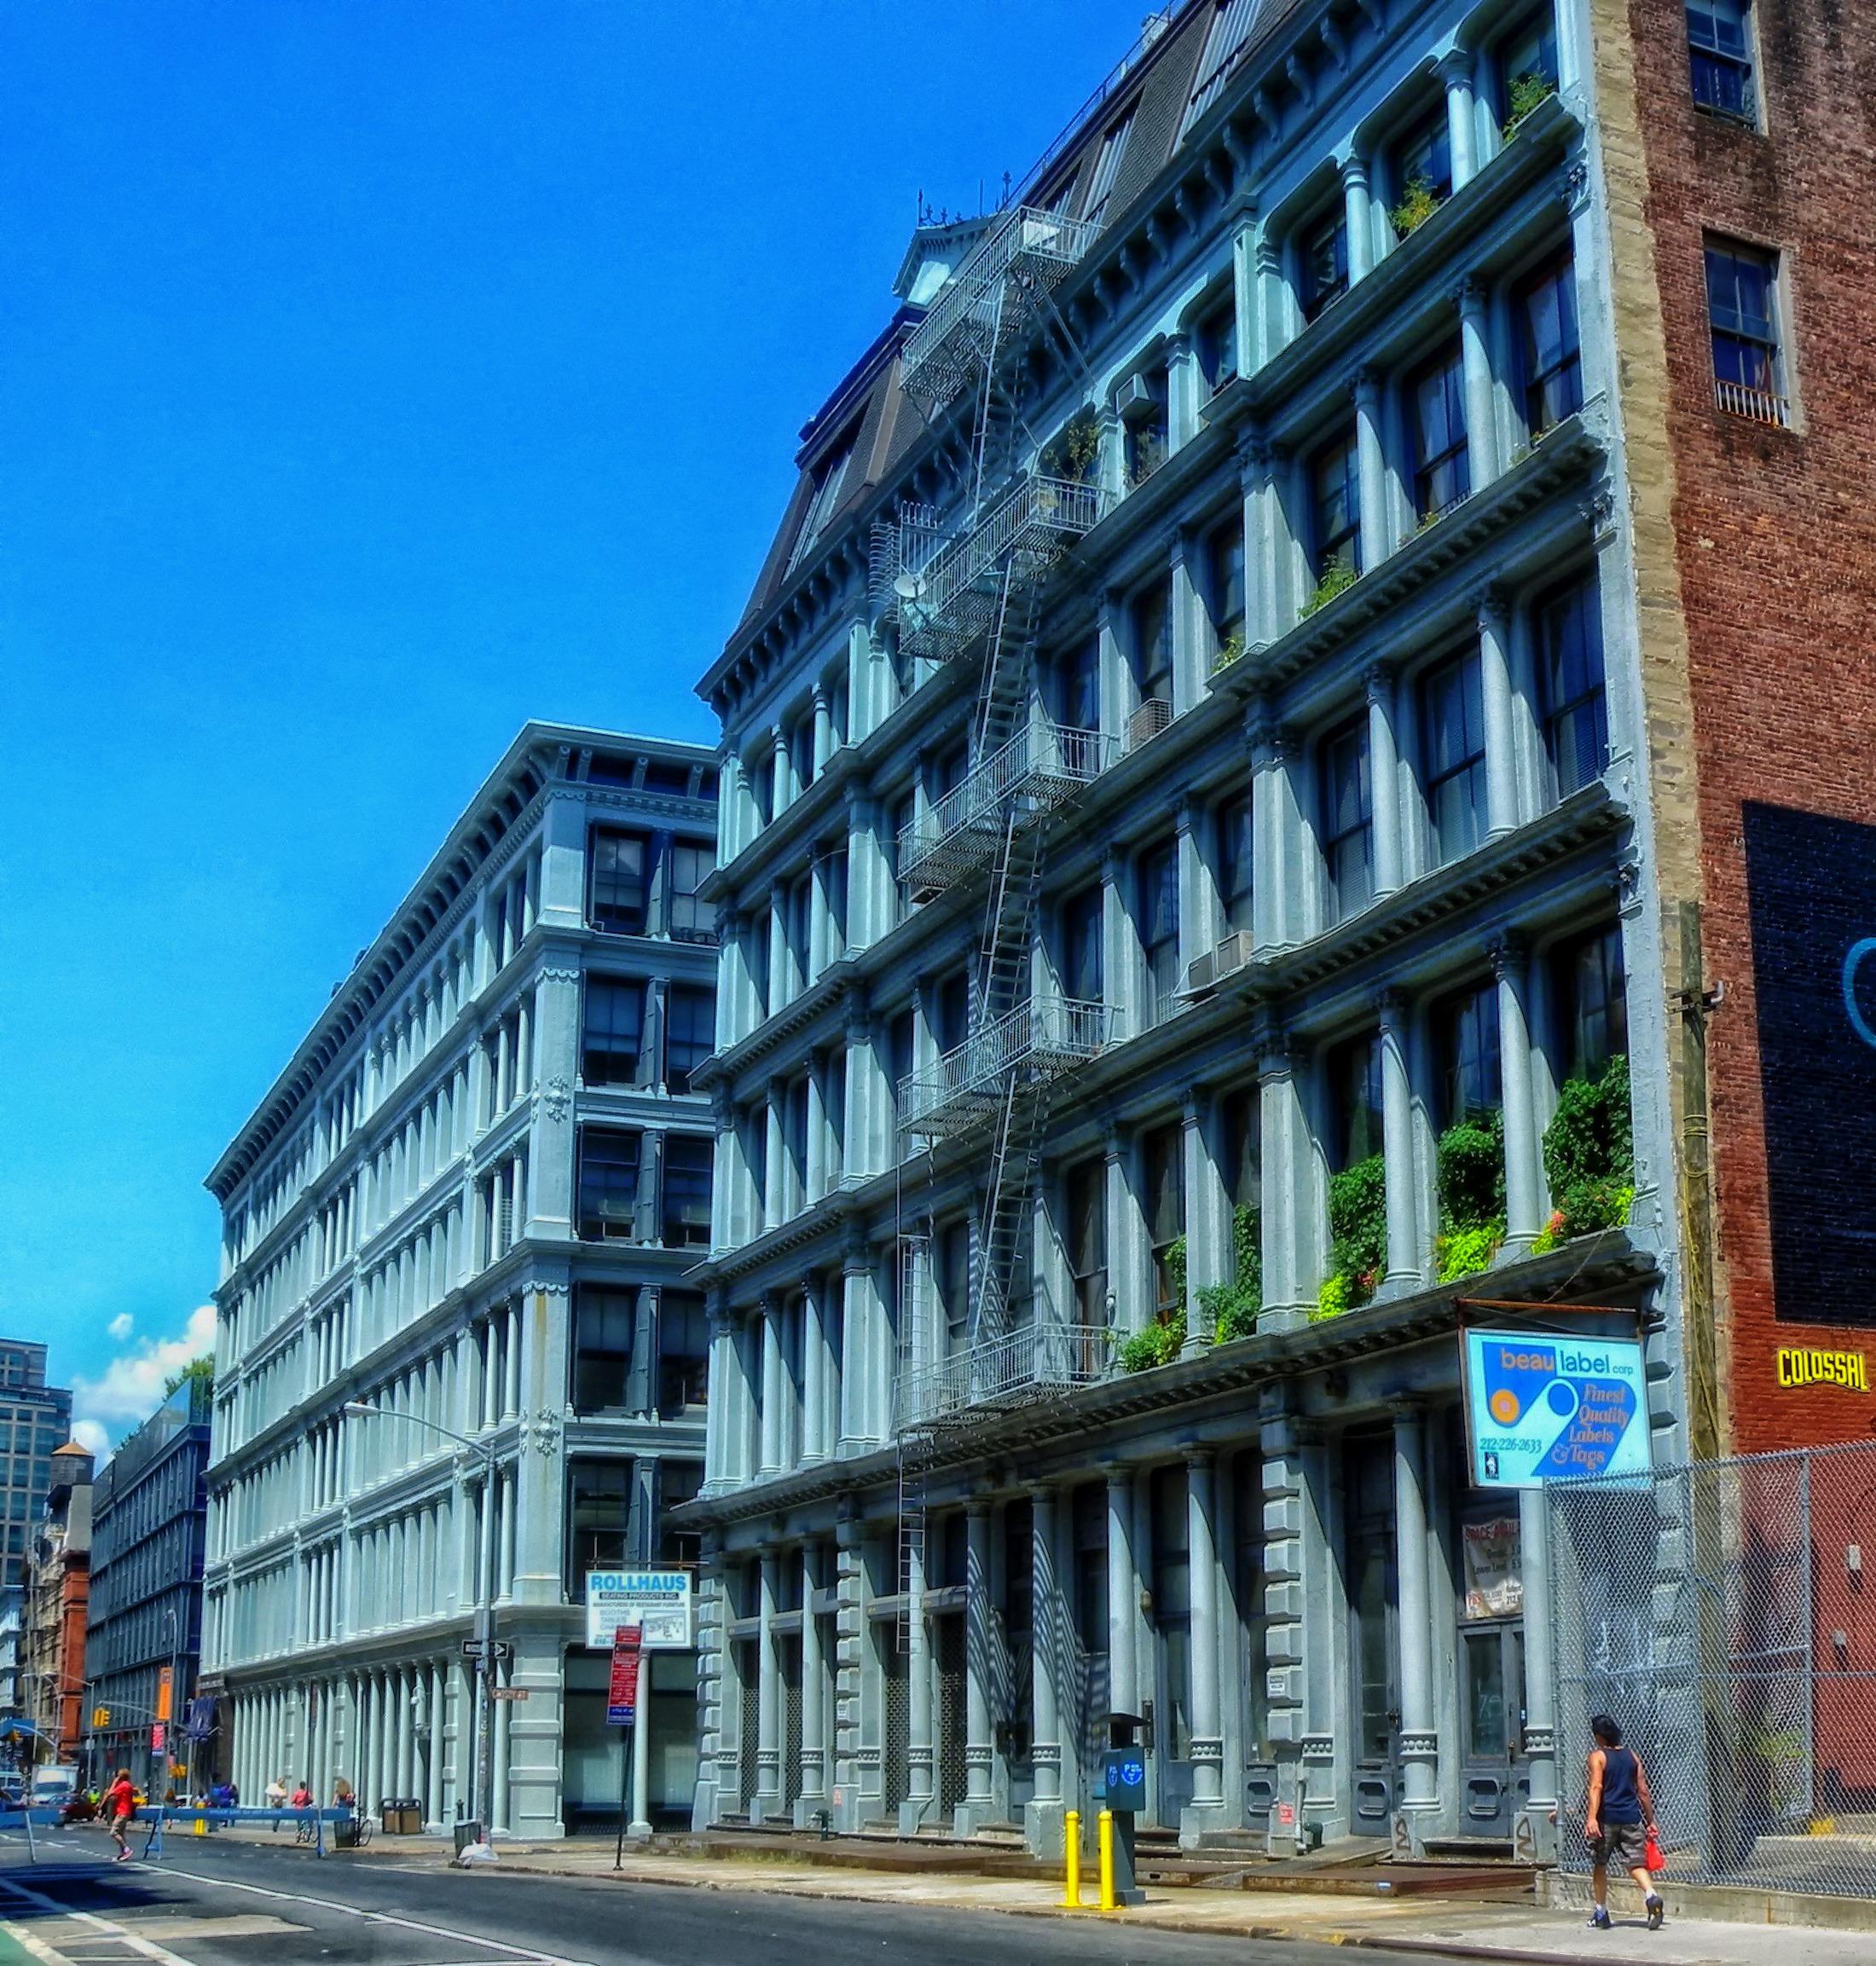 fotos gratis la carretera horizonte calle edificio rascacielos nueva york paisaje urbano centro de la ciudad plaza